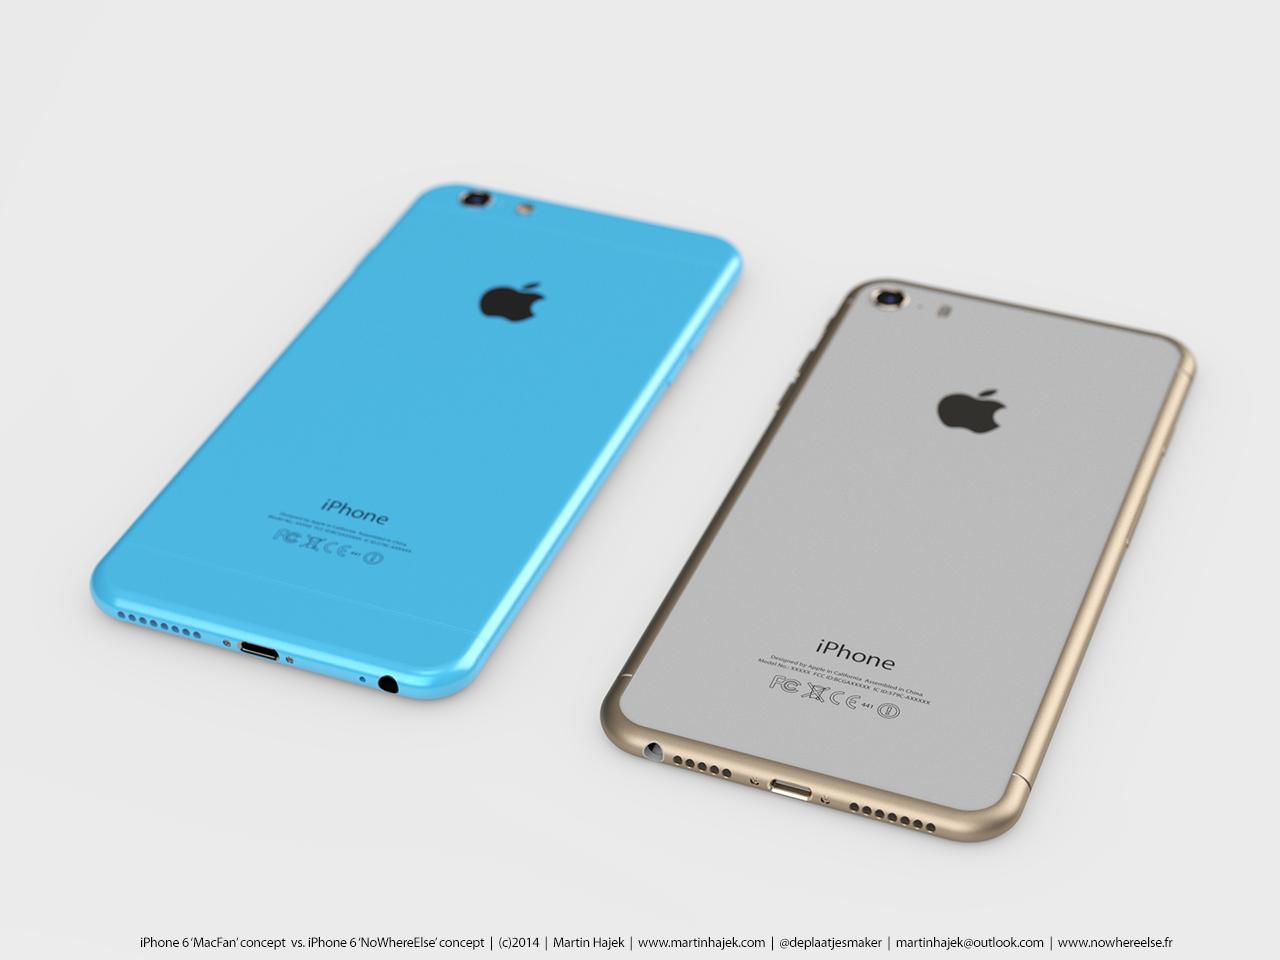 بالصور والفيديو : نماذج محتملة لهاتفي الايفون 6 اس والايفون 6 سي